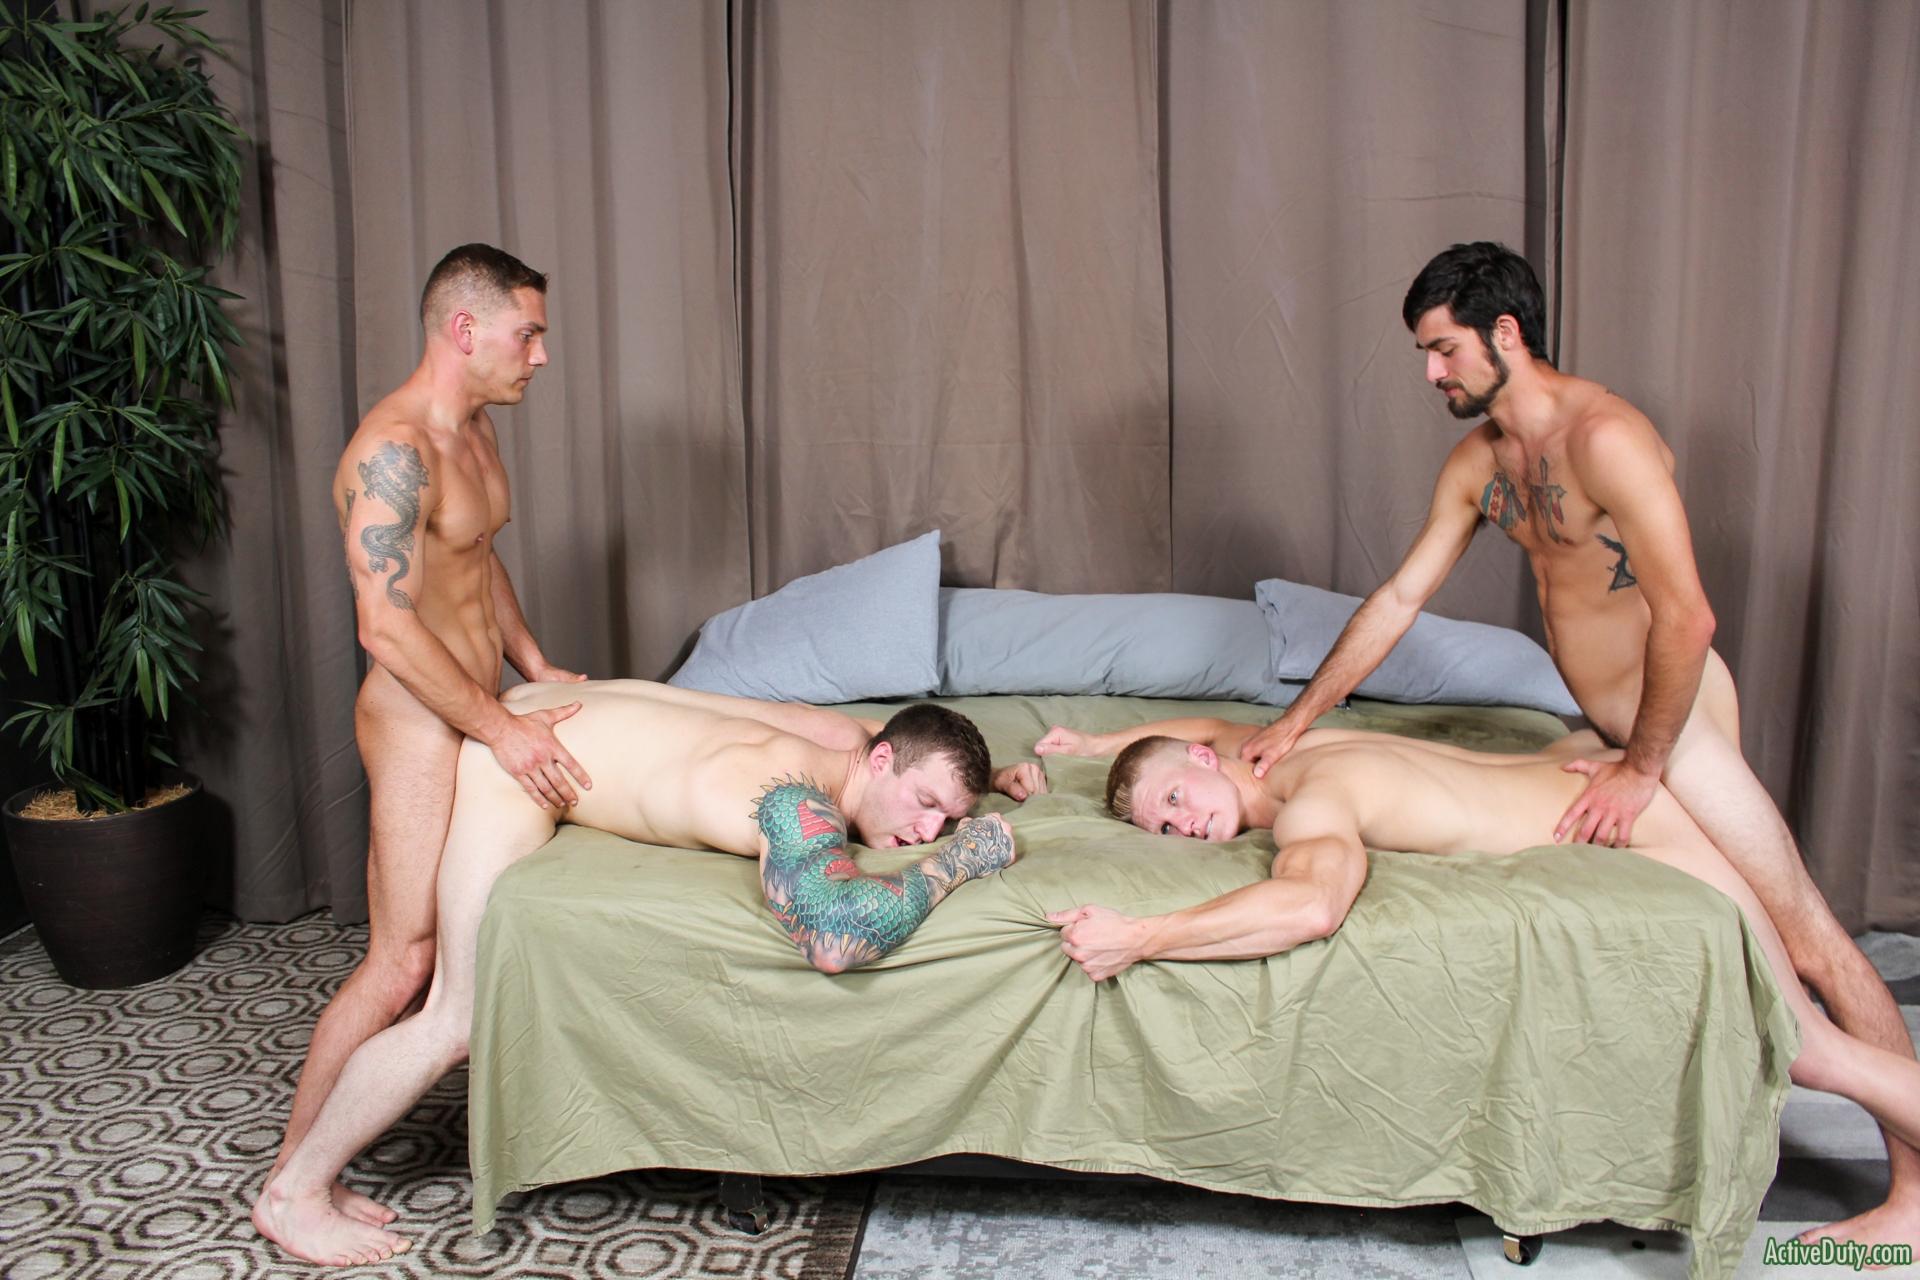 blake effortley active duty gay porn leeroy jones fourgy